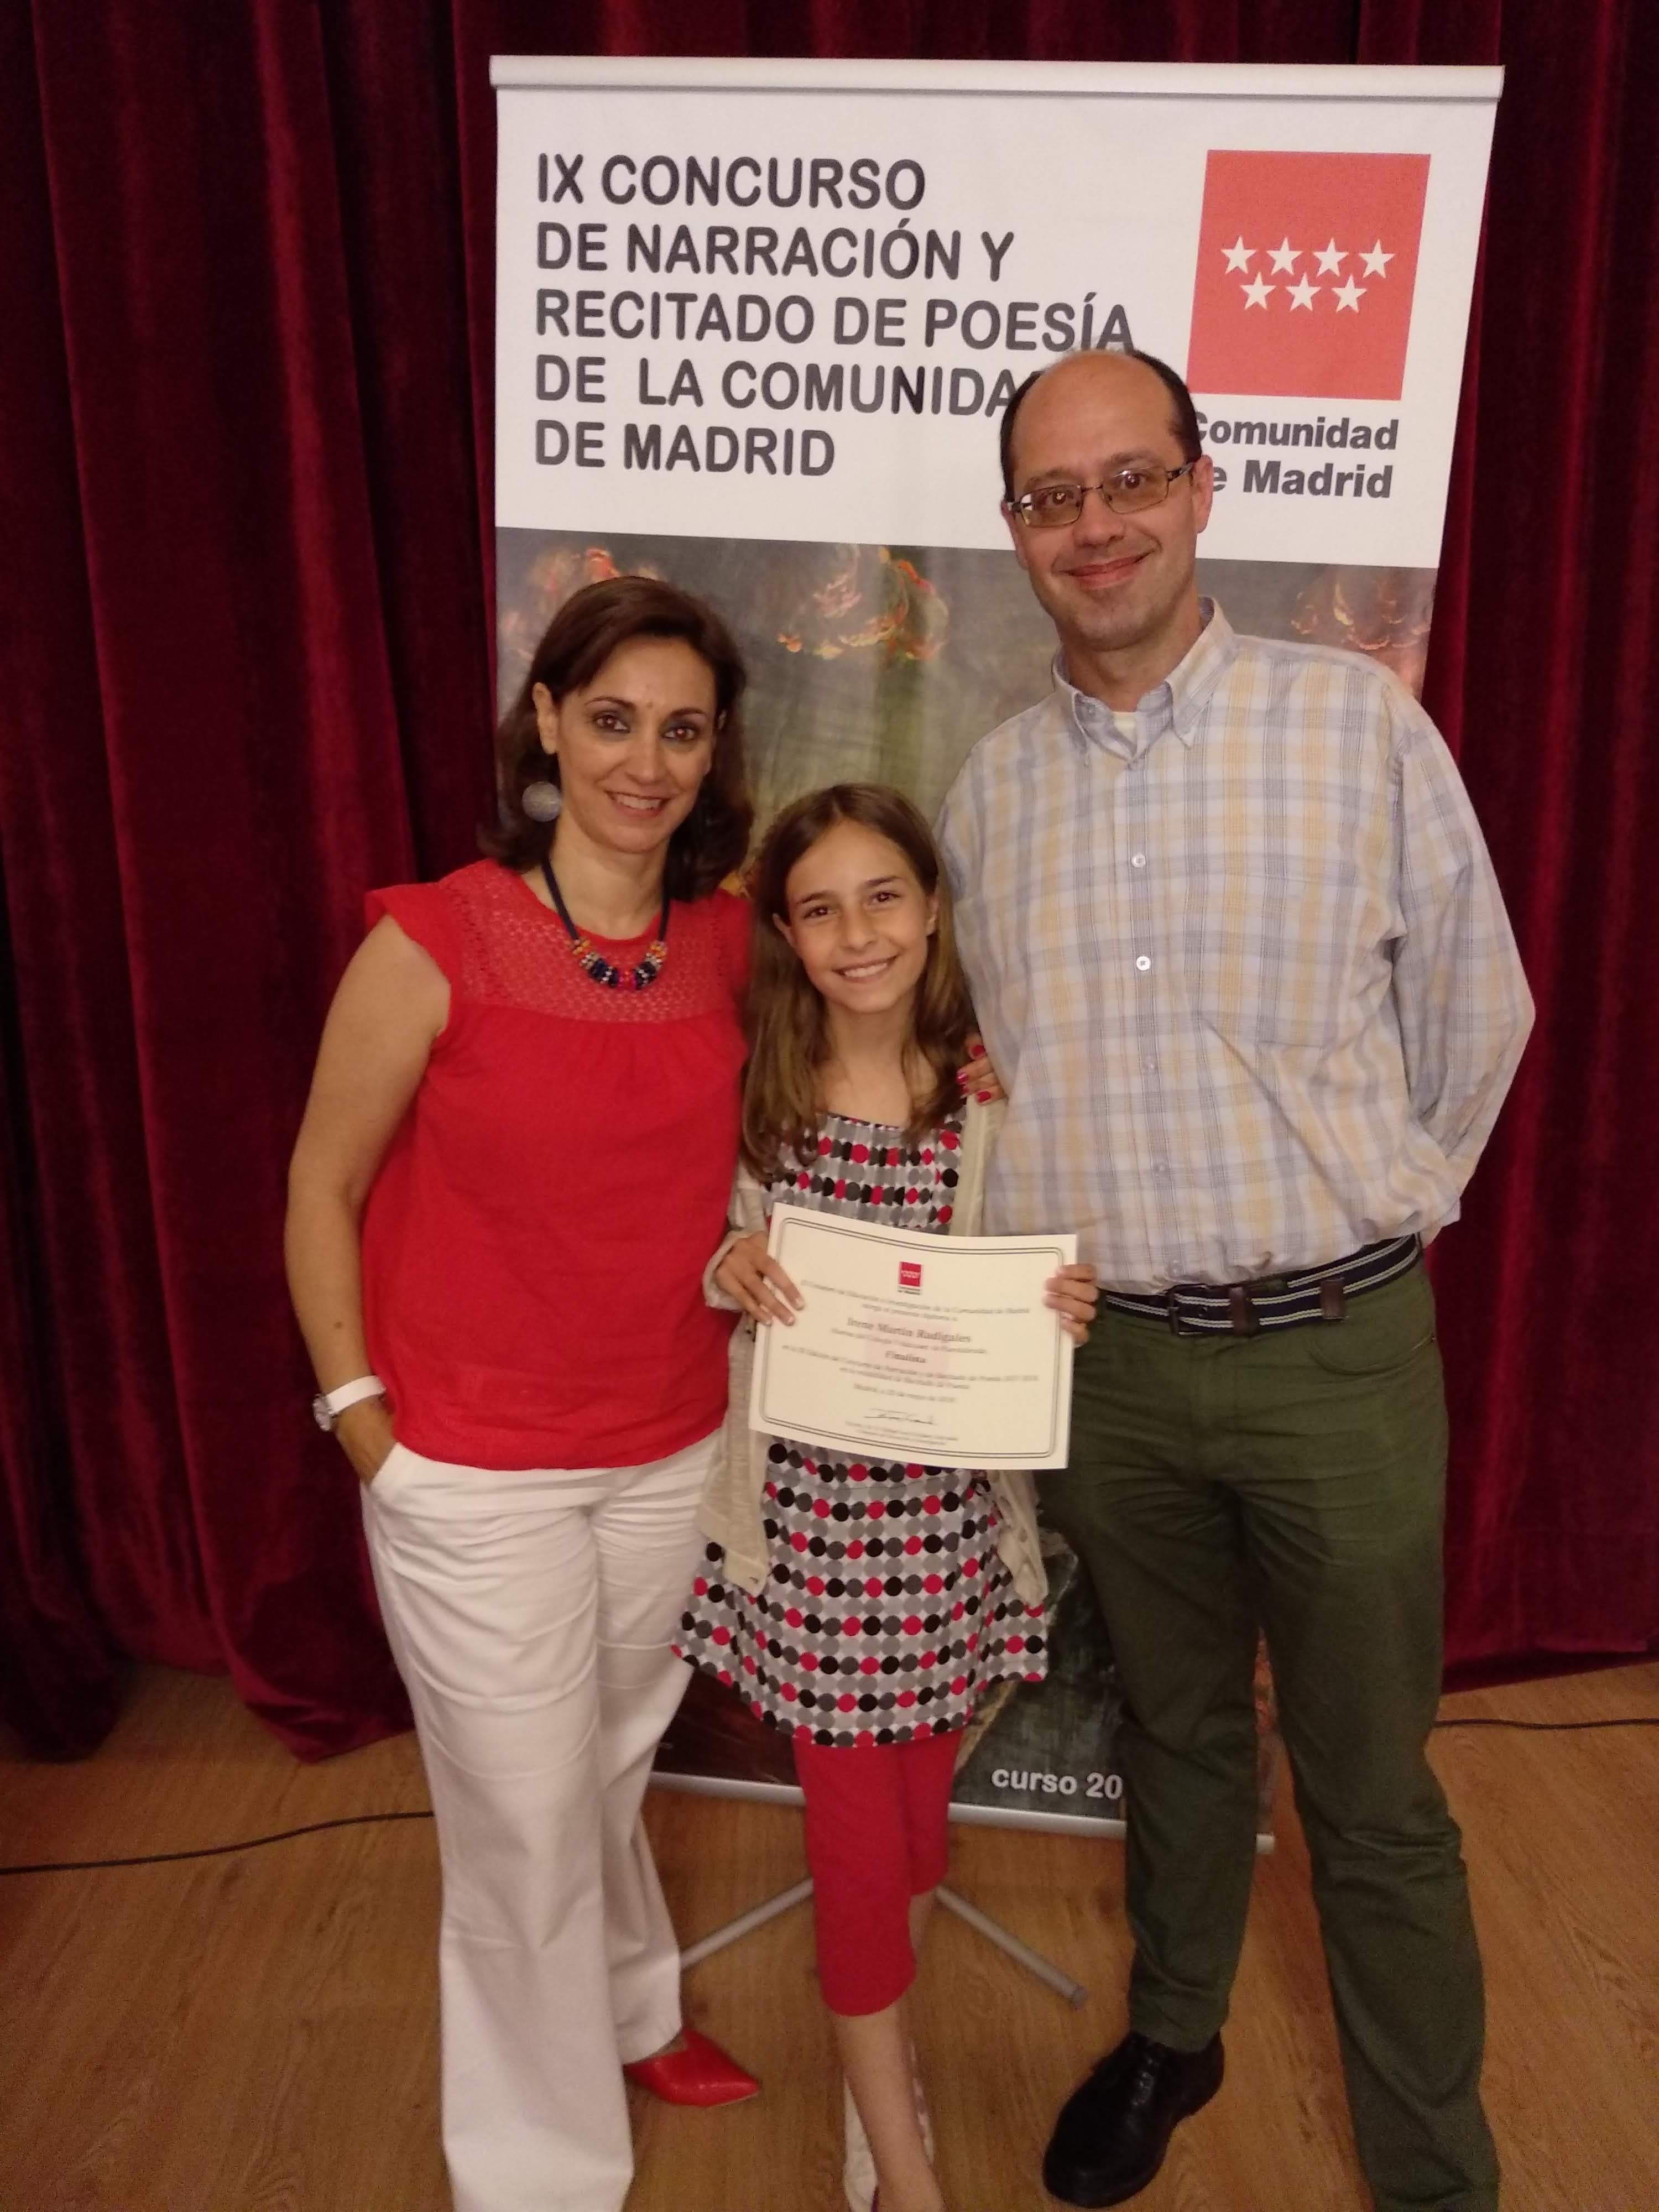 Ix Concurso de Narración y Poesía de la Comunidad de Madrid 2